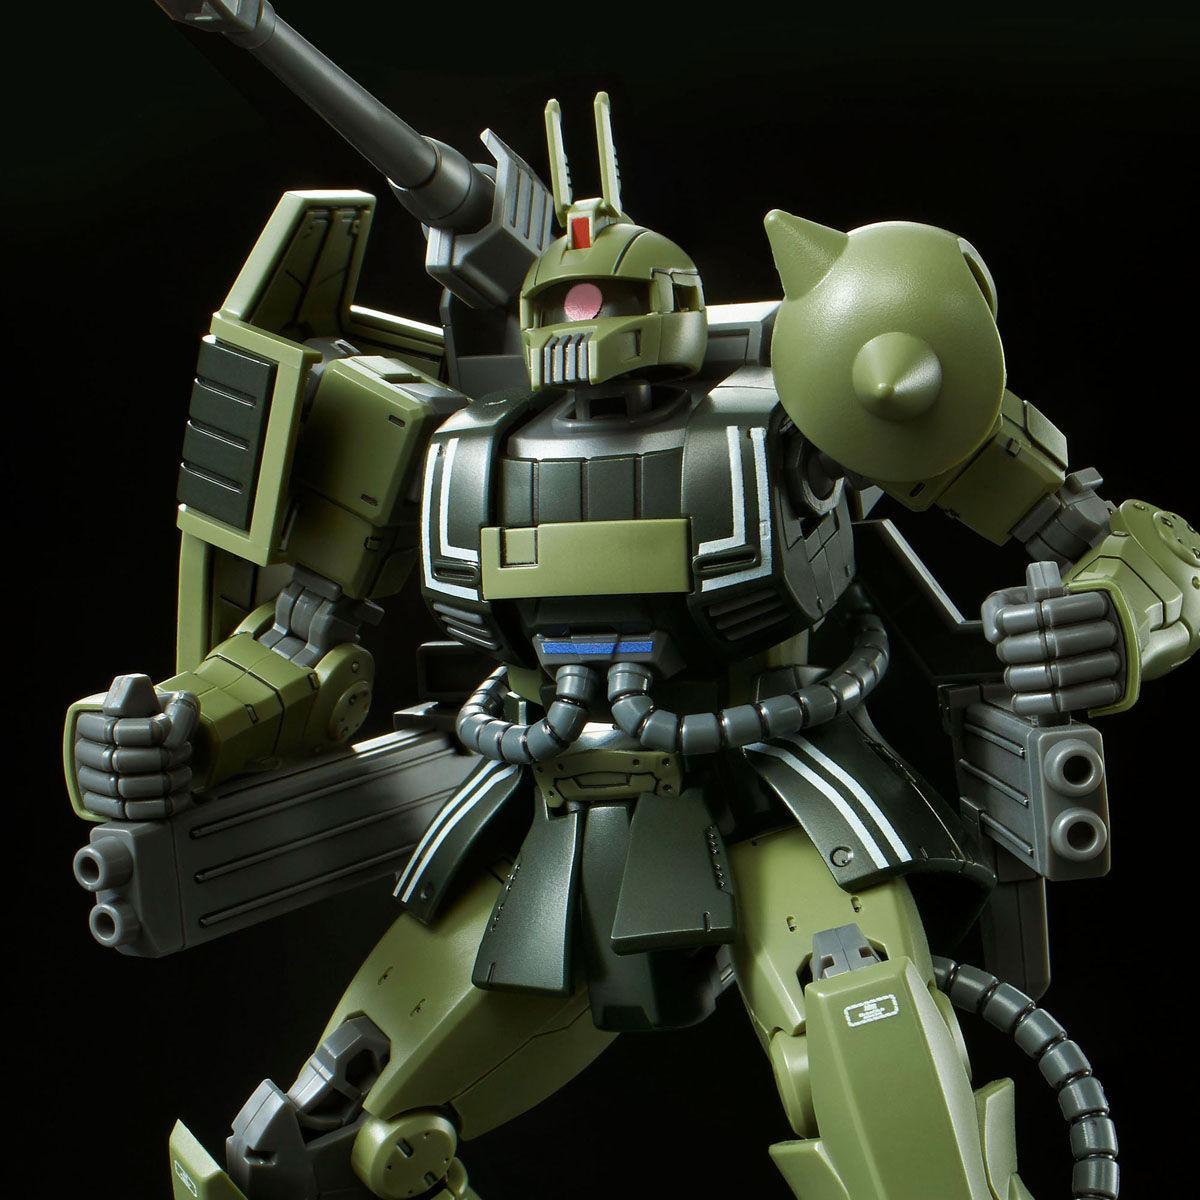 HG 『機動戦士ガンダム THE ORIGIN(MSD)』 1/144 ザク・キャノン プラモデル